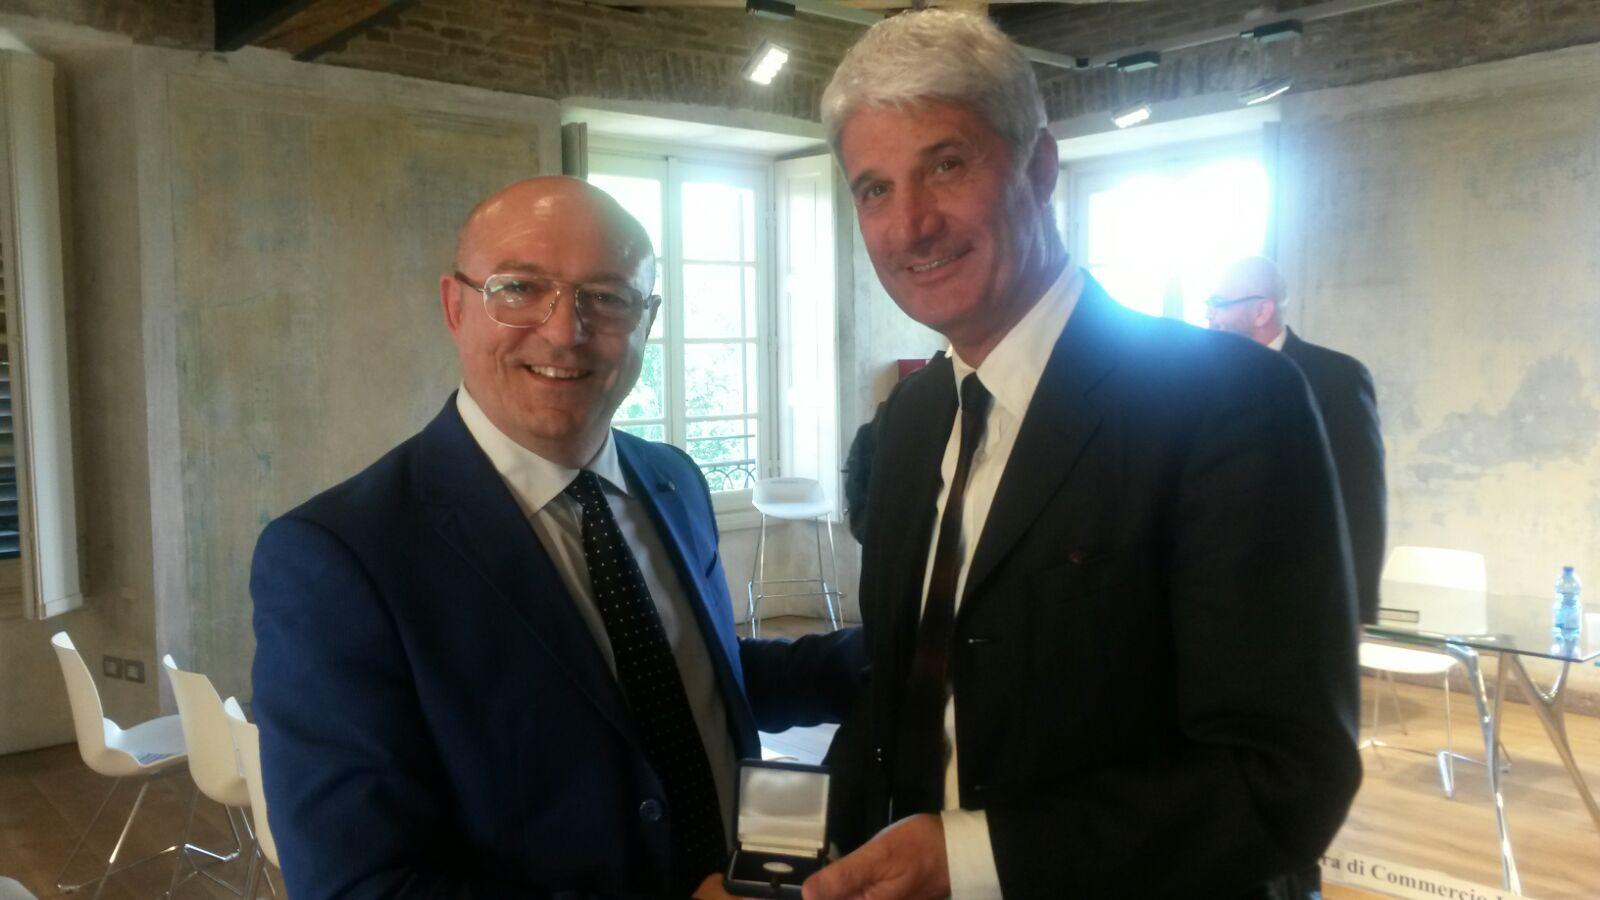 Il Presidente Bellini premiato alla carriera con medaglia d'onore dalla CCIAA di Monza e Brianza